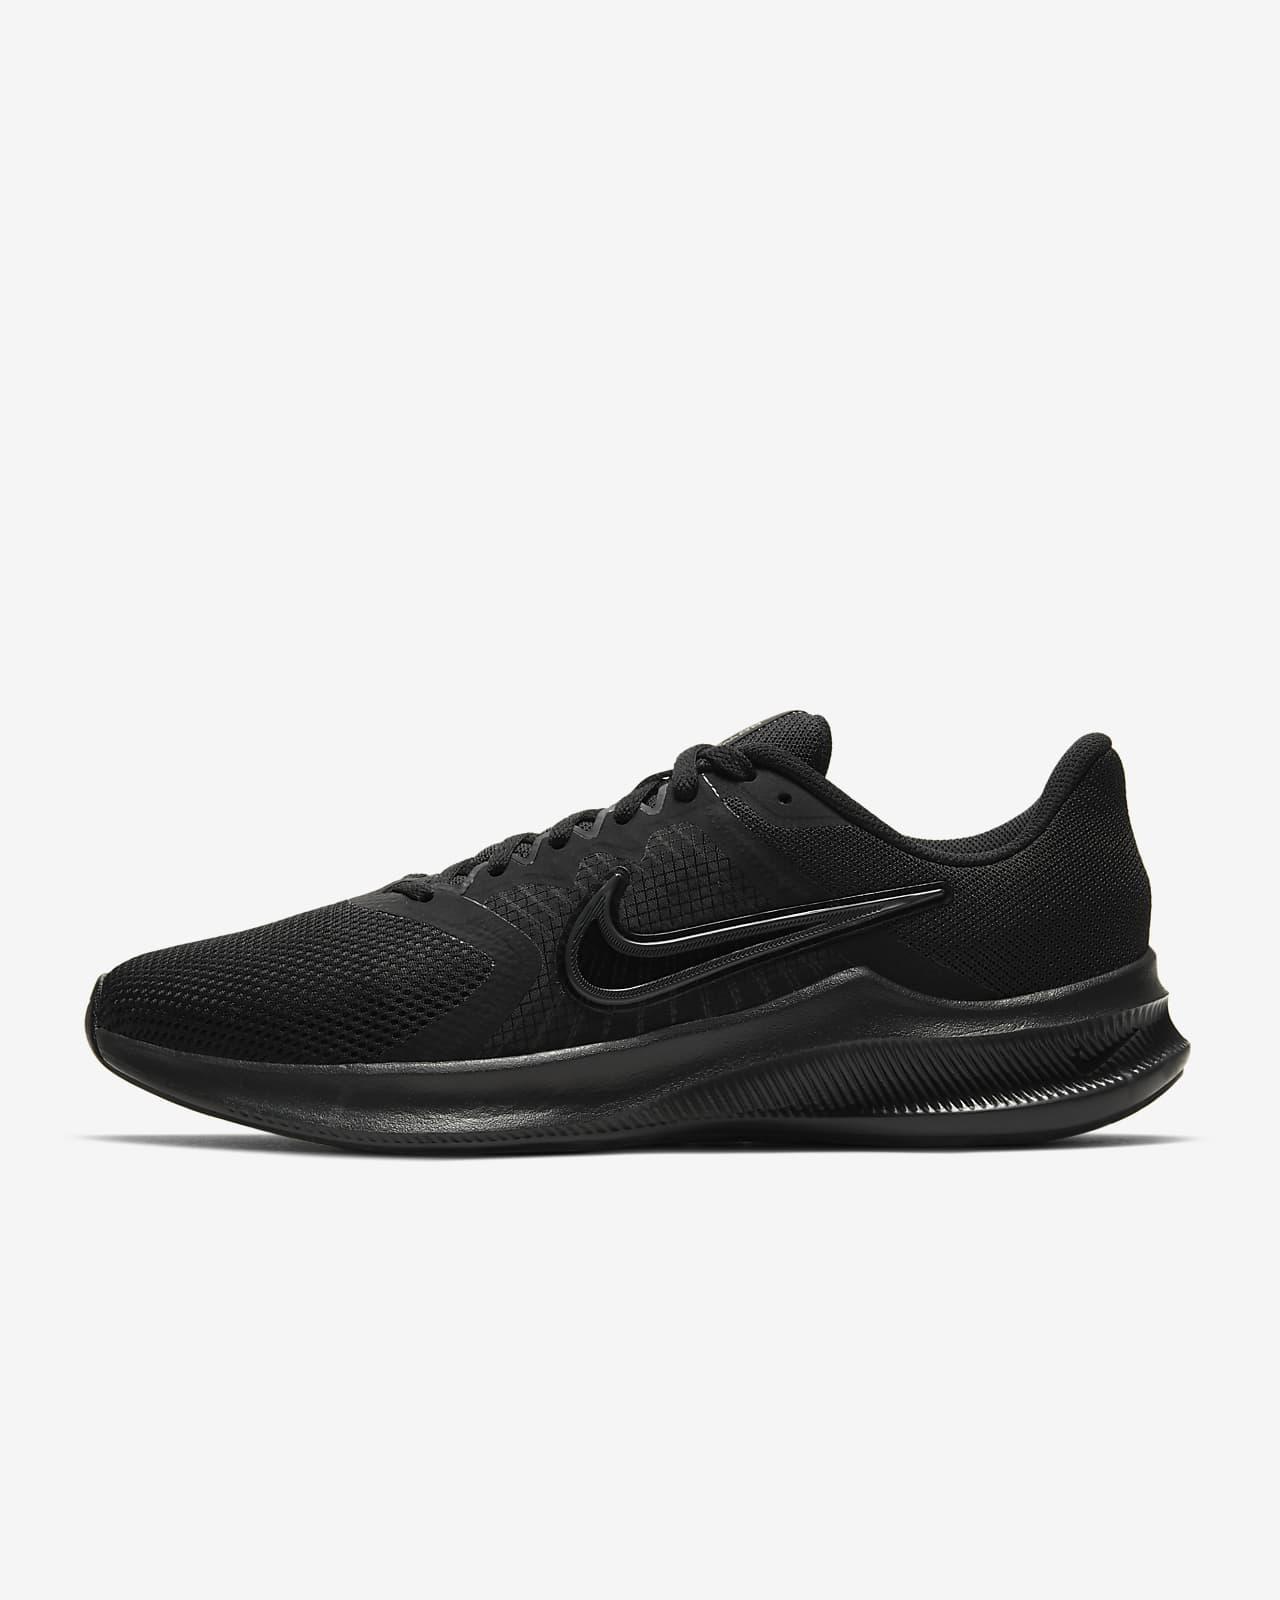 Nike Downshifter 11 Zapatillas de running para asfalto - Hombre